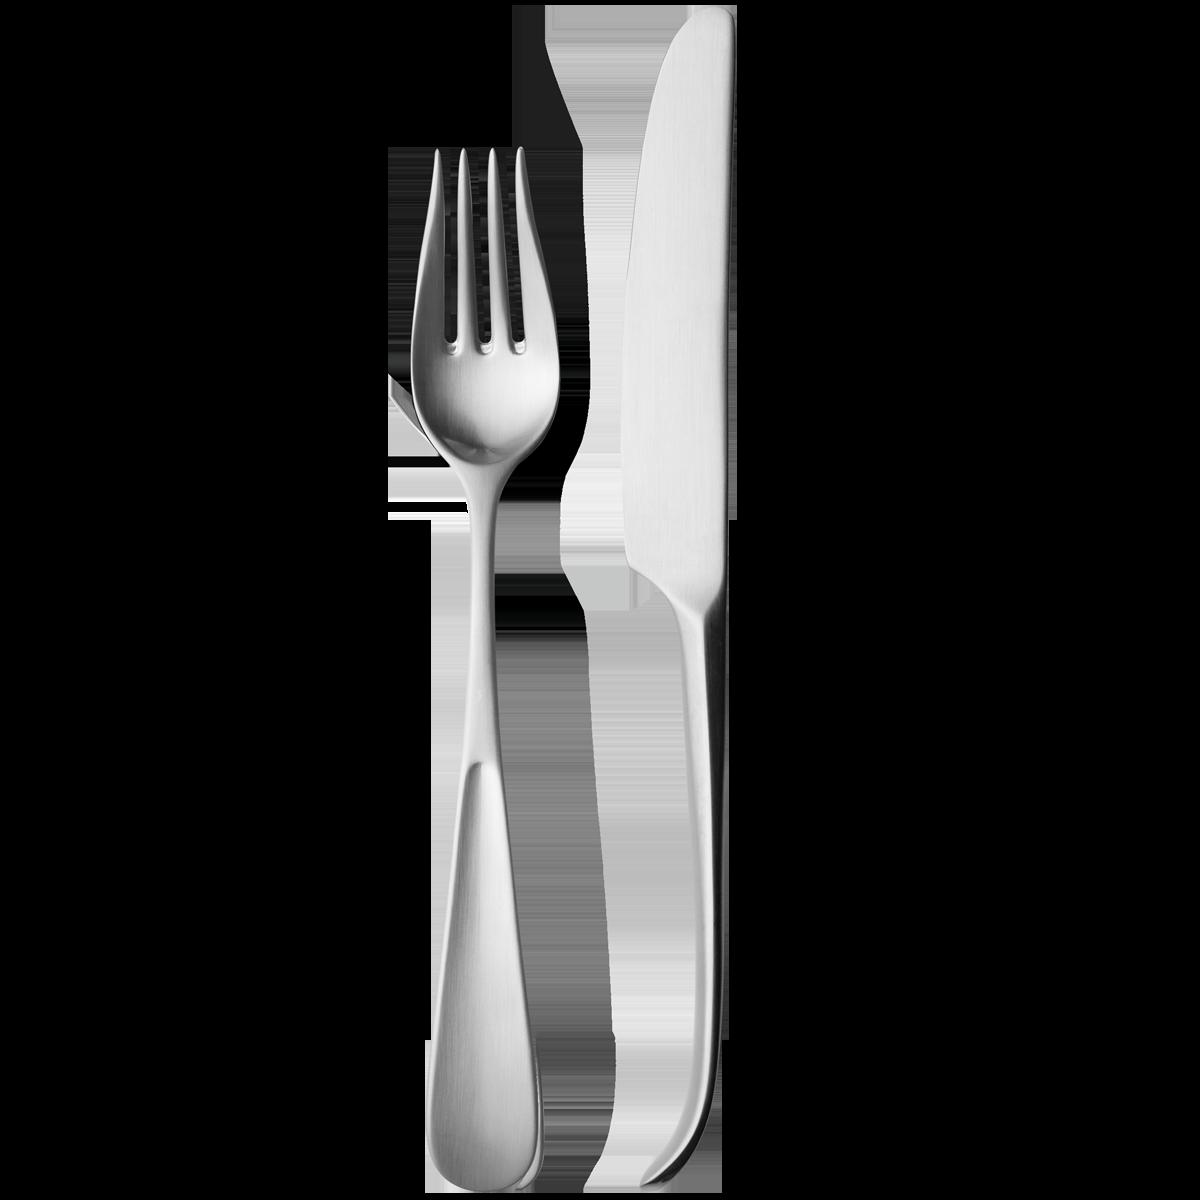 knife clipart fancy